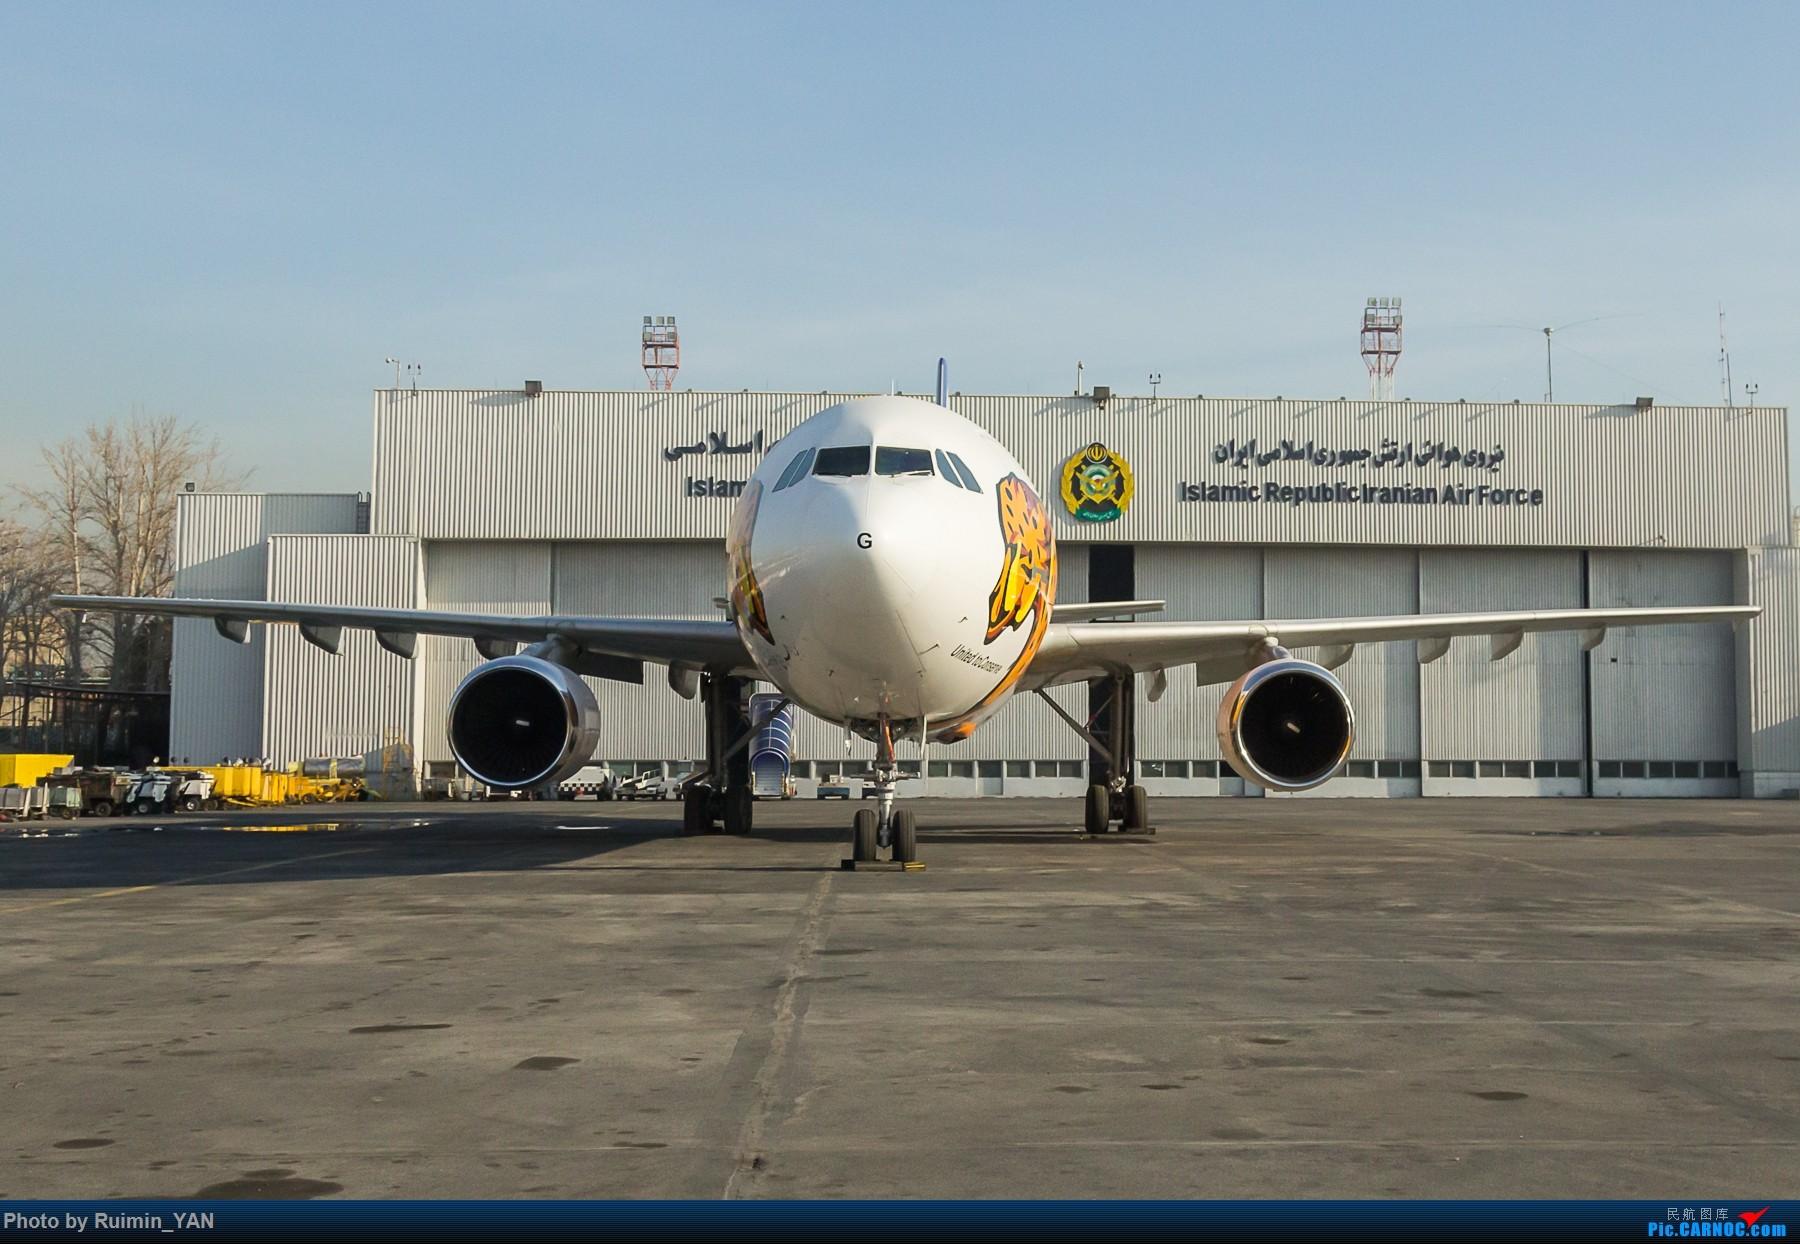 Re:[原创]【THR】(德黑兰梅赫拉巴德机场)伊朗Meraj航空(Meraj Airlines,IJ)野生动物彩绘--空客320 AIRBUS A300B4-600R EP-SIG 伊朗德黑兰机场